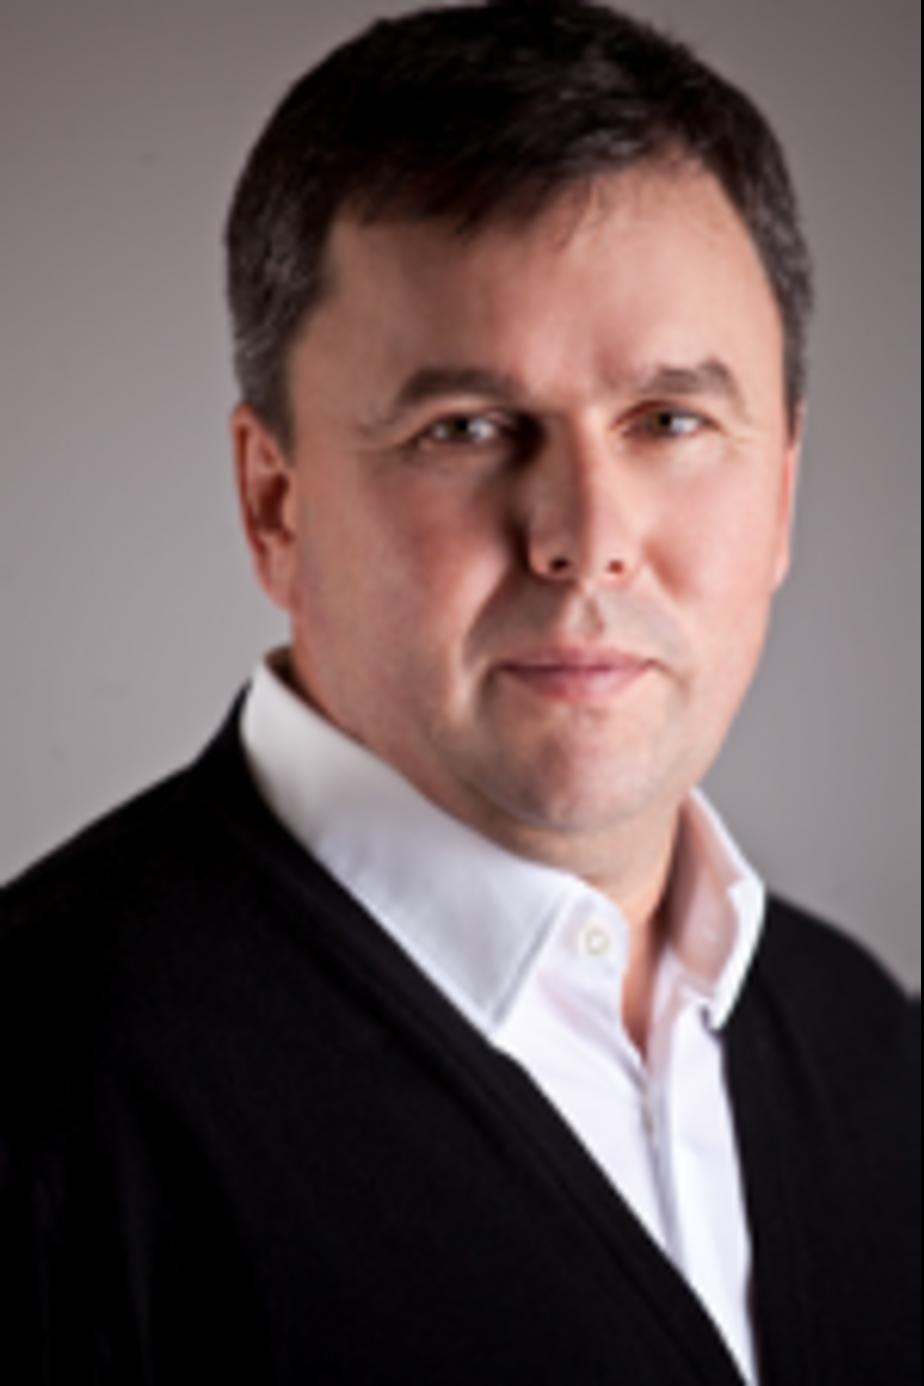 Неизвестные обокрали особняк главы Гурьевского района- пока тот праздновал юбилей - Новости Калининграда